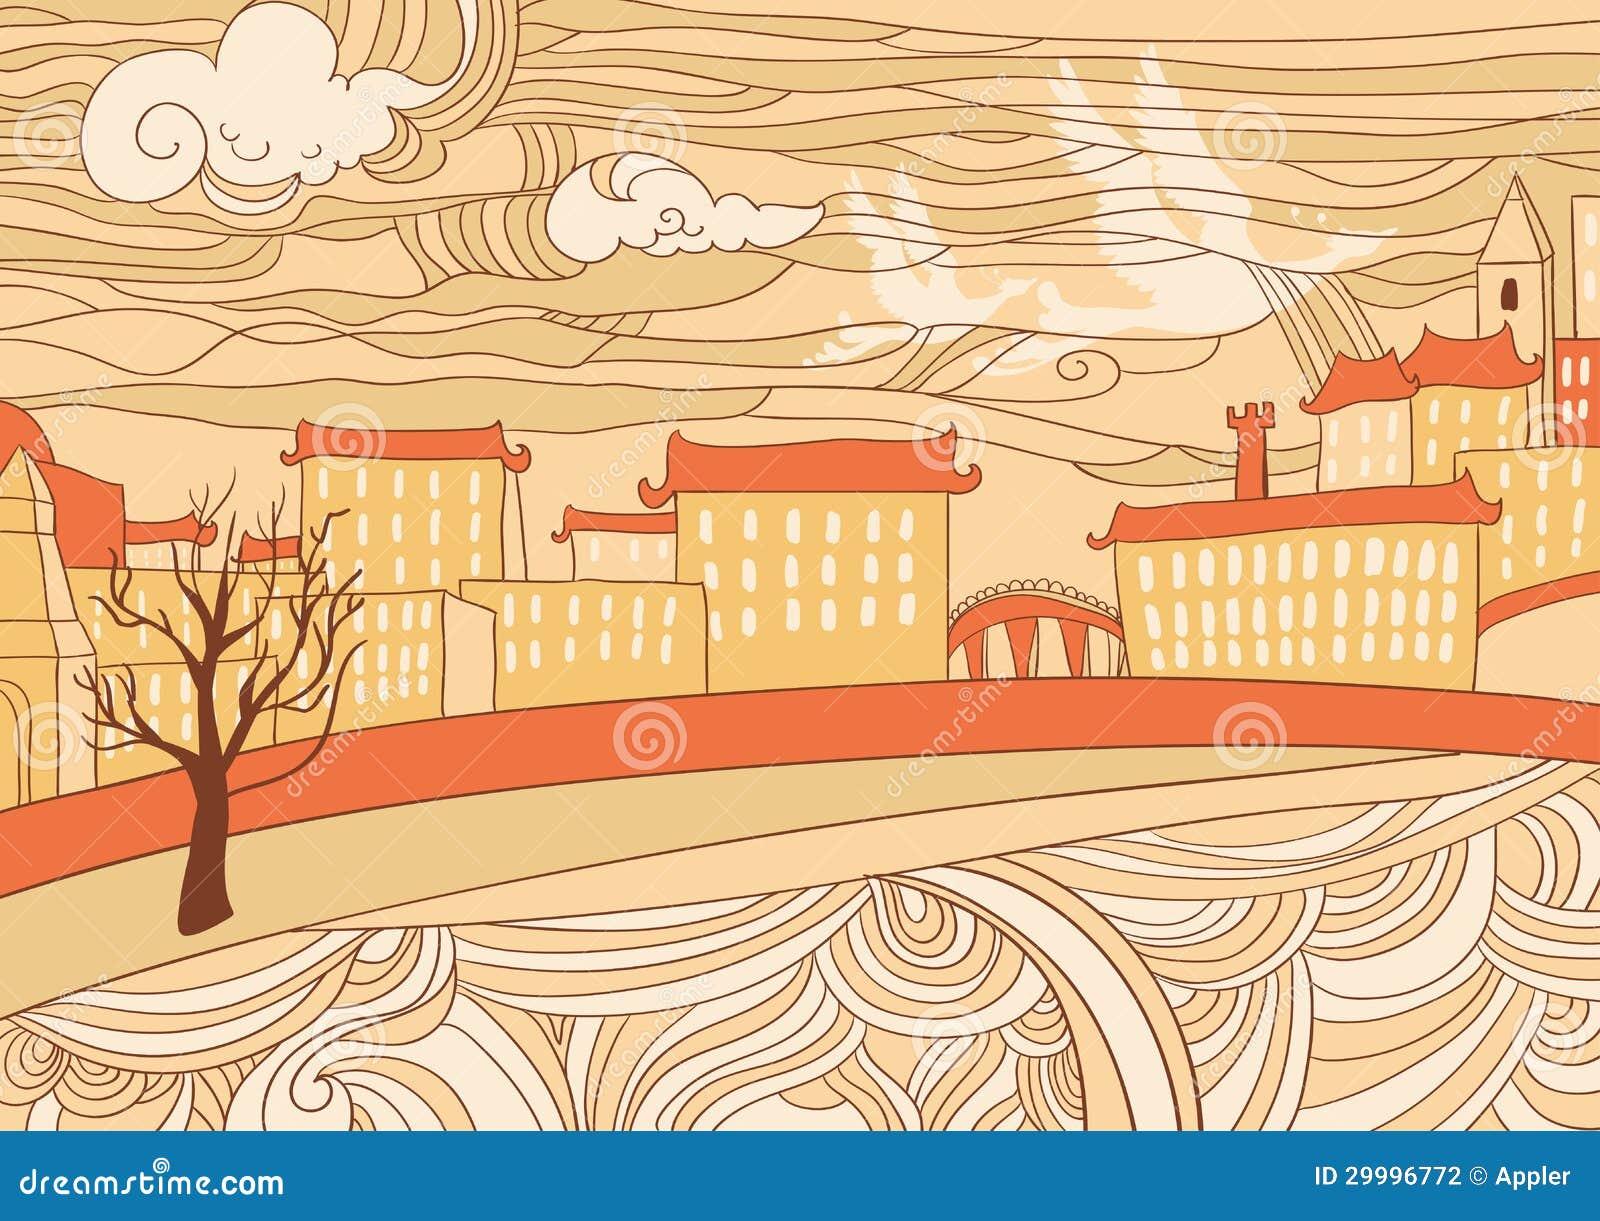 Carta da parati della citt colorata ocra fotografia for Carta da parati colorata